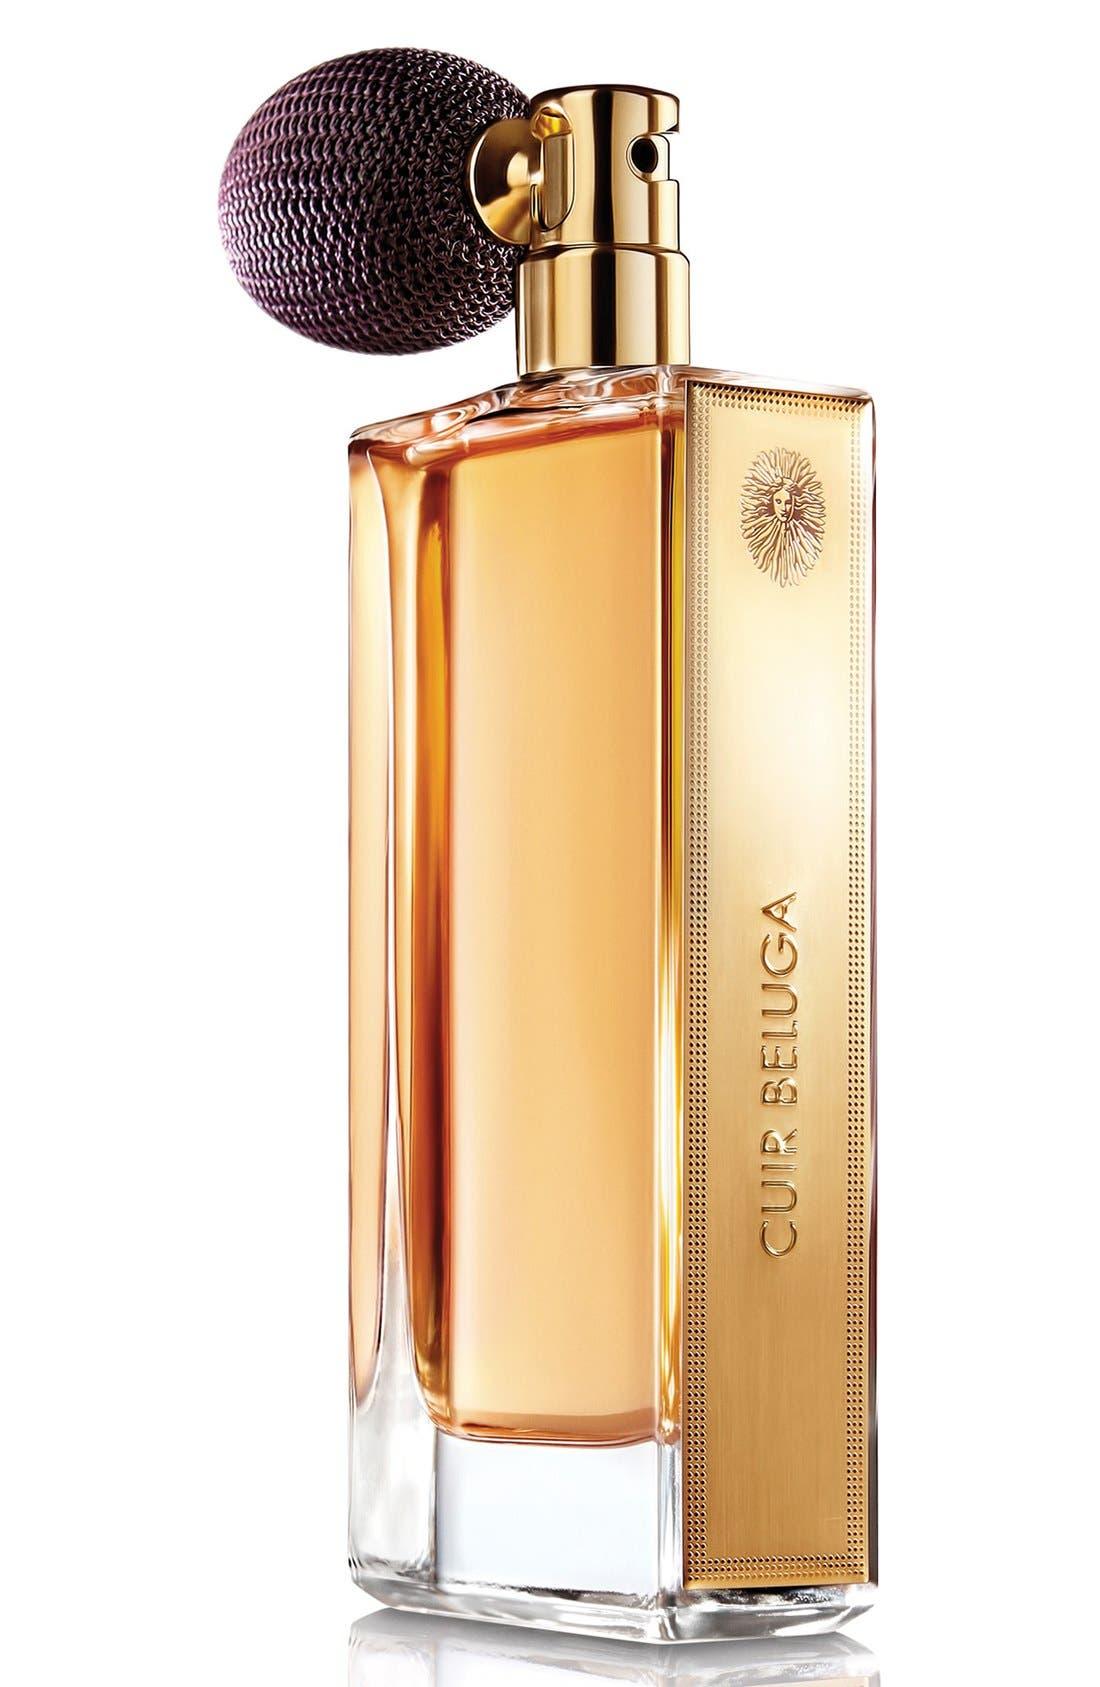 Guerlain L'Art et la Matiere Cuir Beluga Eau de Parfum